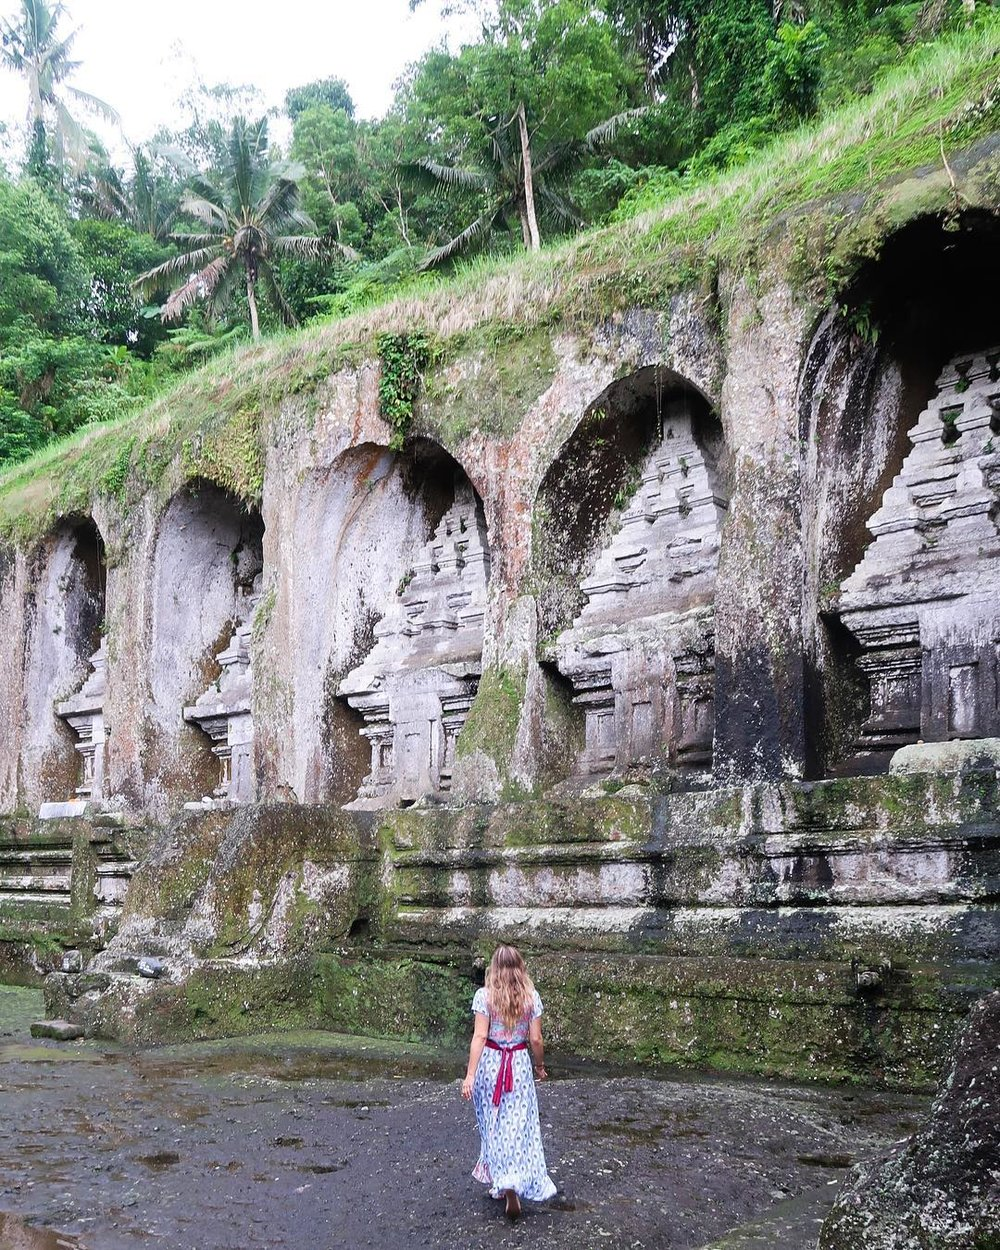 Gunung Kawi in Ubud, Bali - Elise Darma